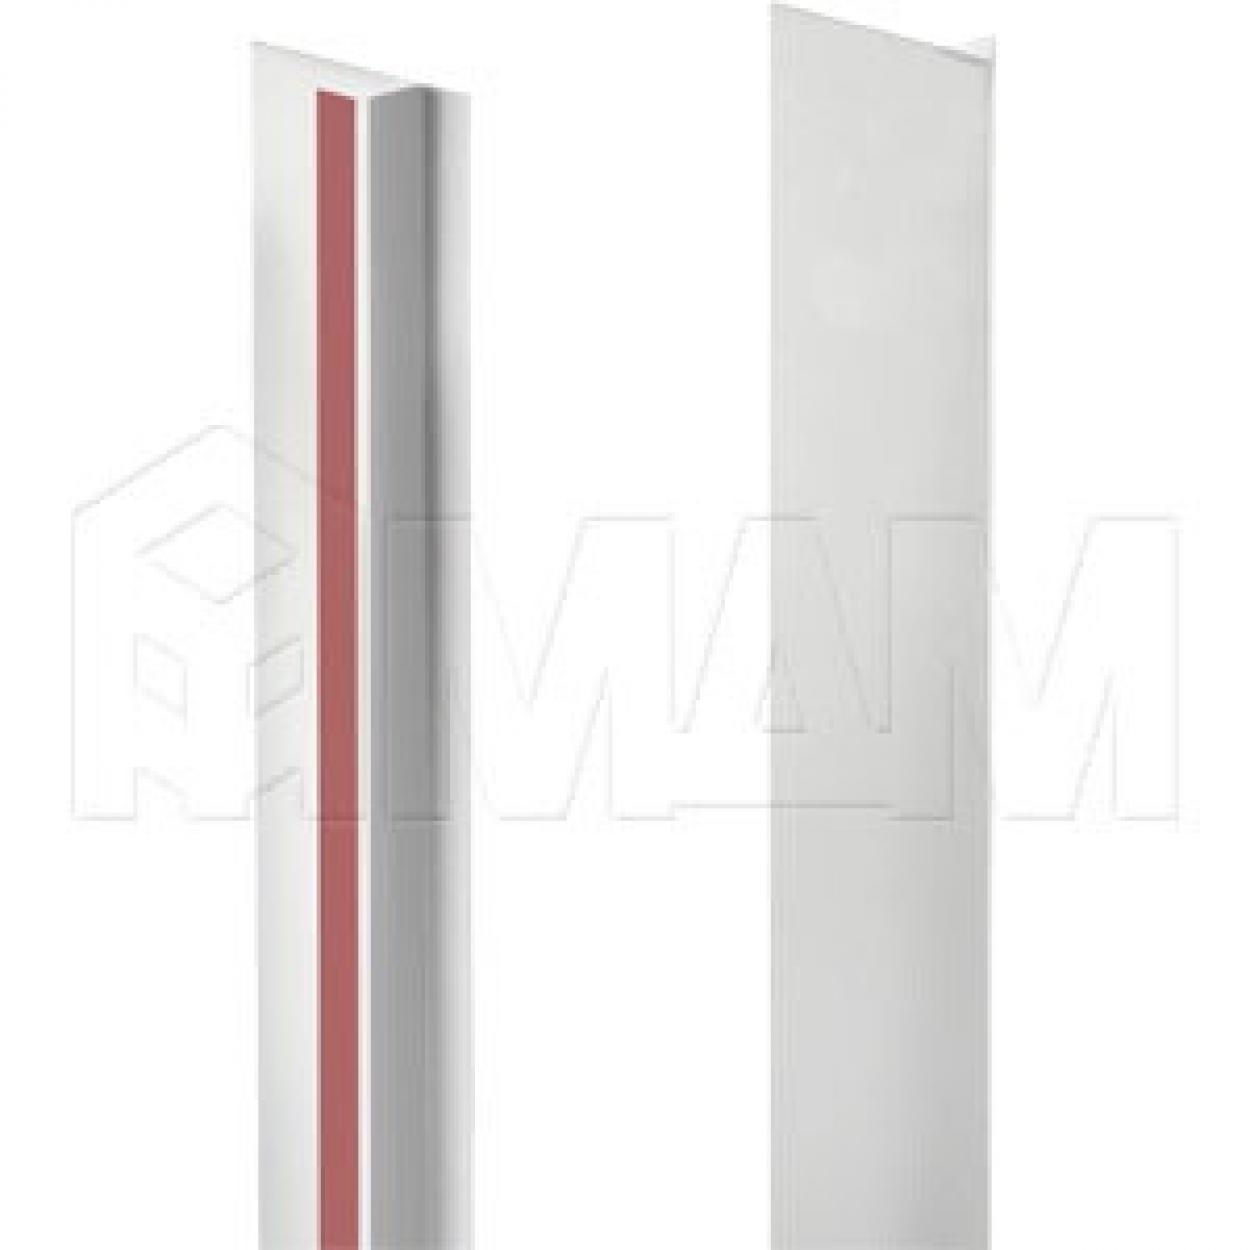 Защитные накладки для посудомоечных машин, H720, алюминий анодированный